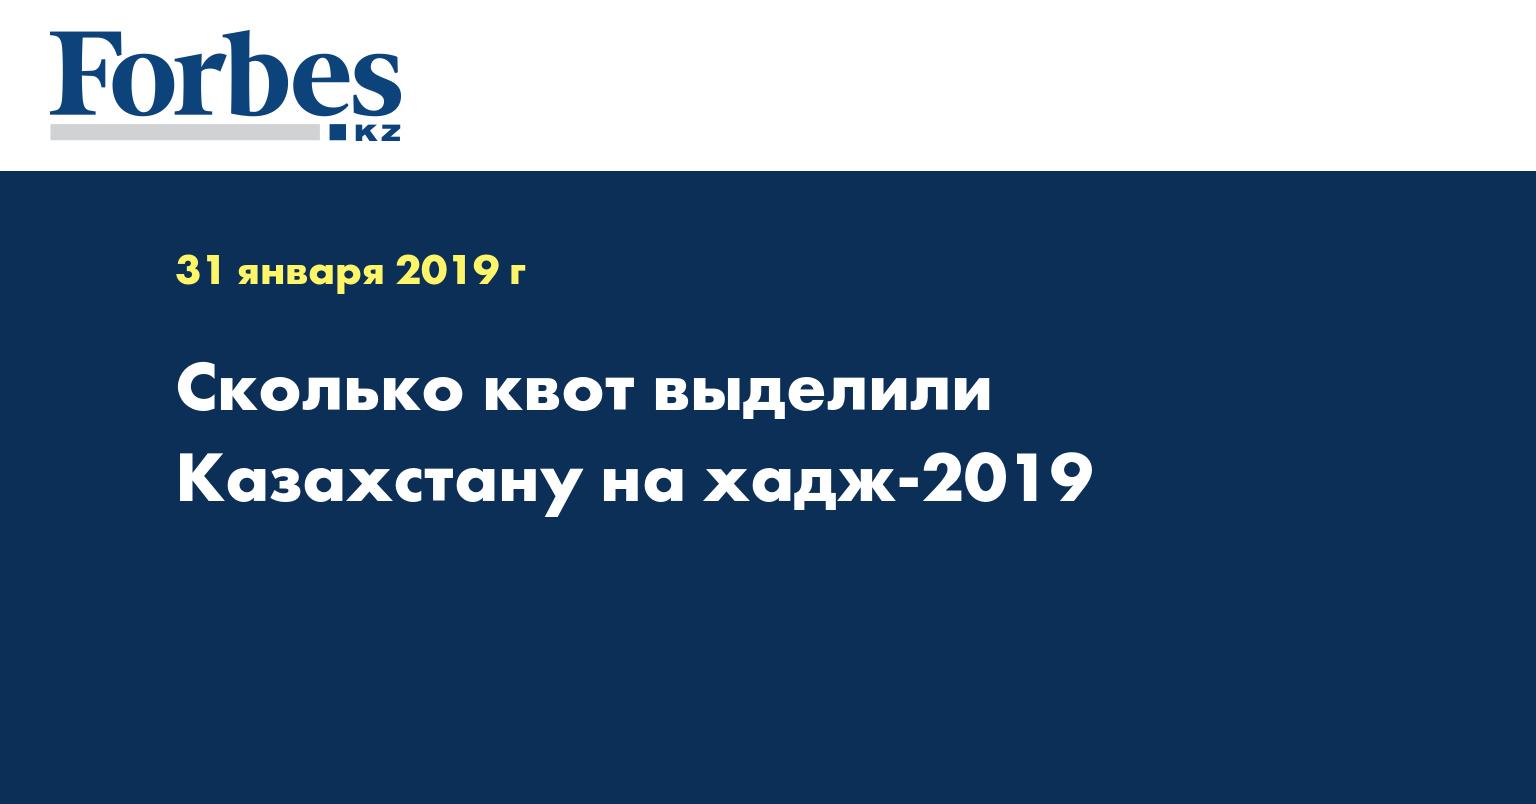 Сколько квот выделили Казахстану на хадж-2019